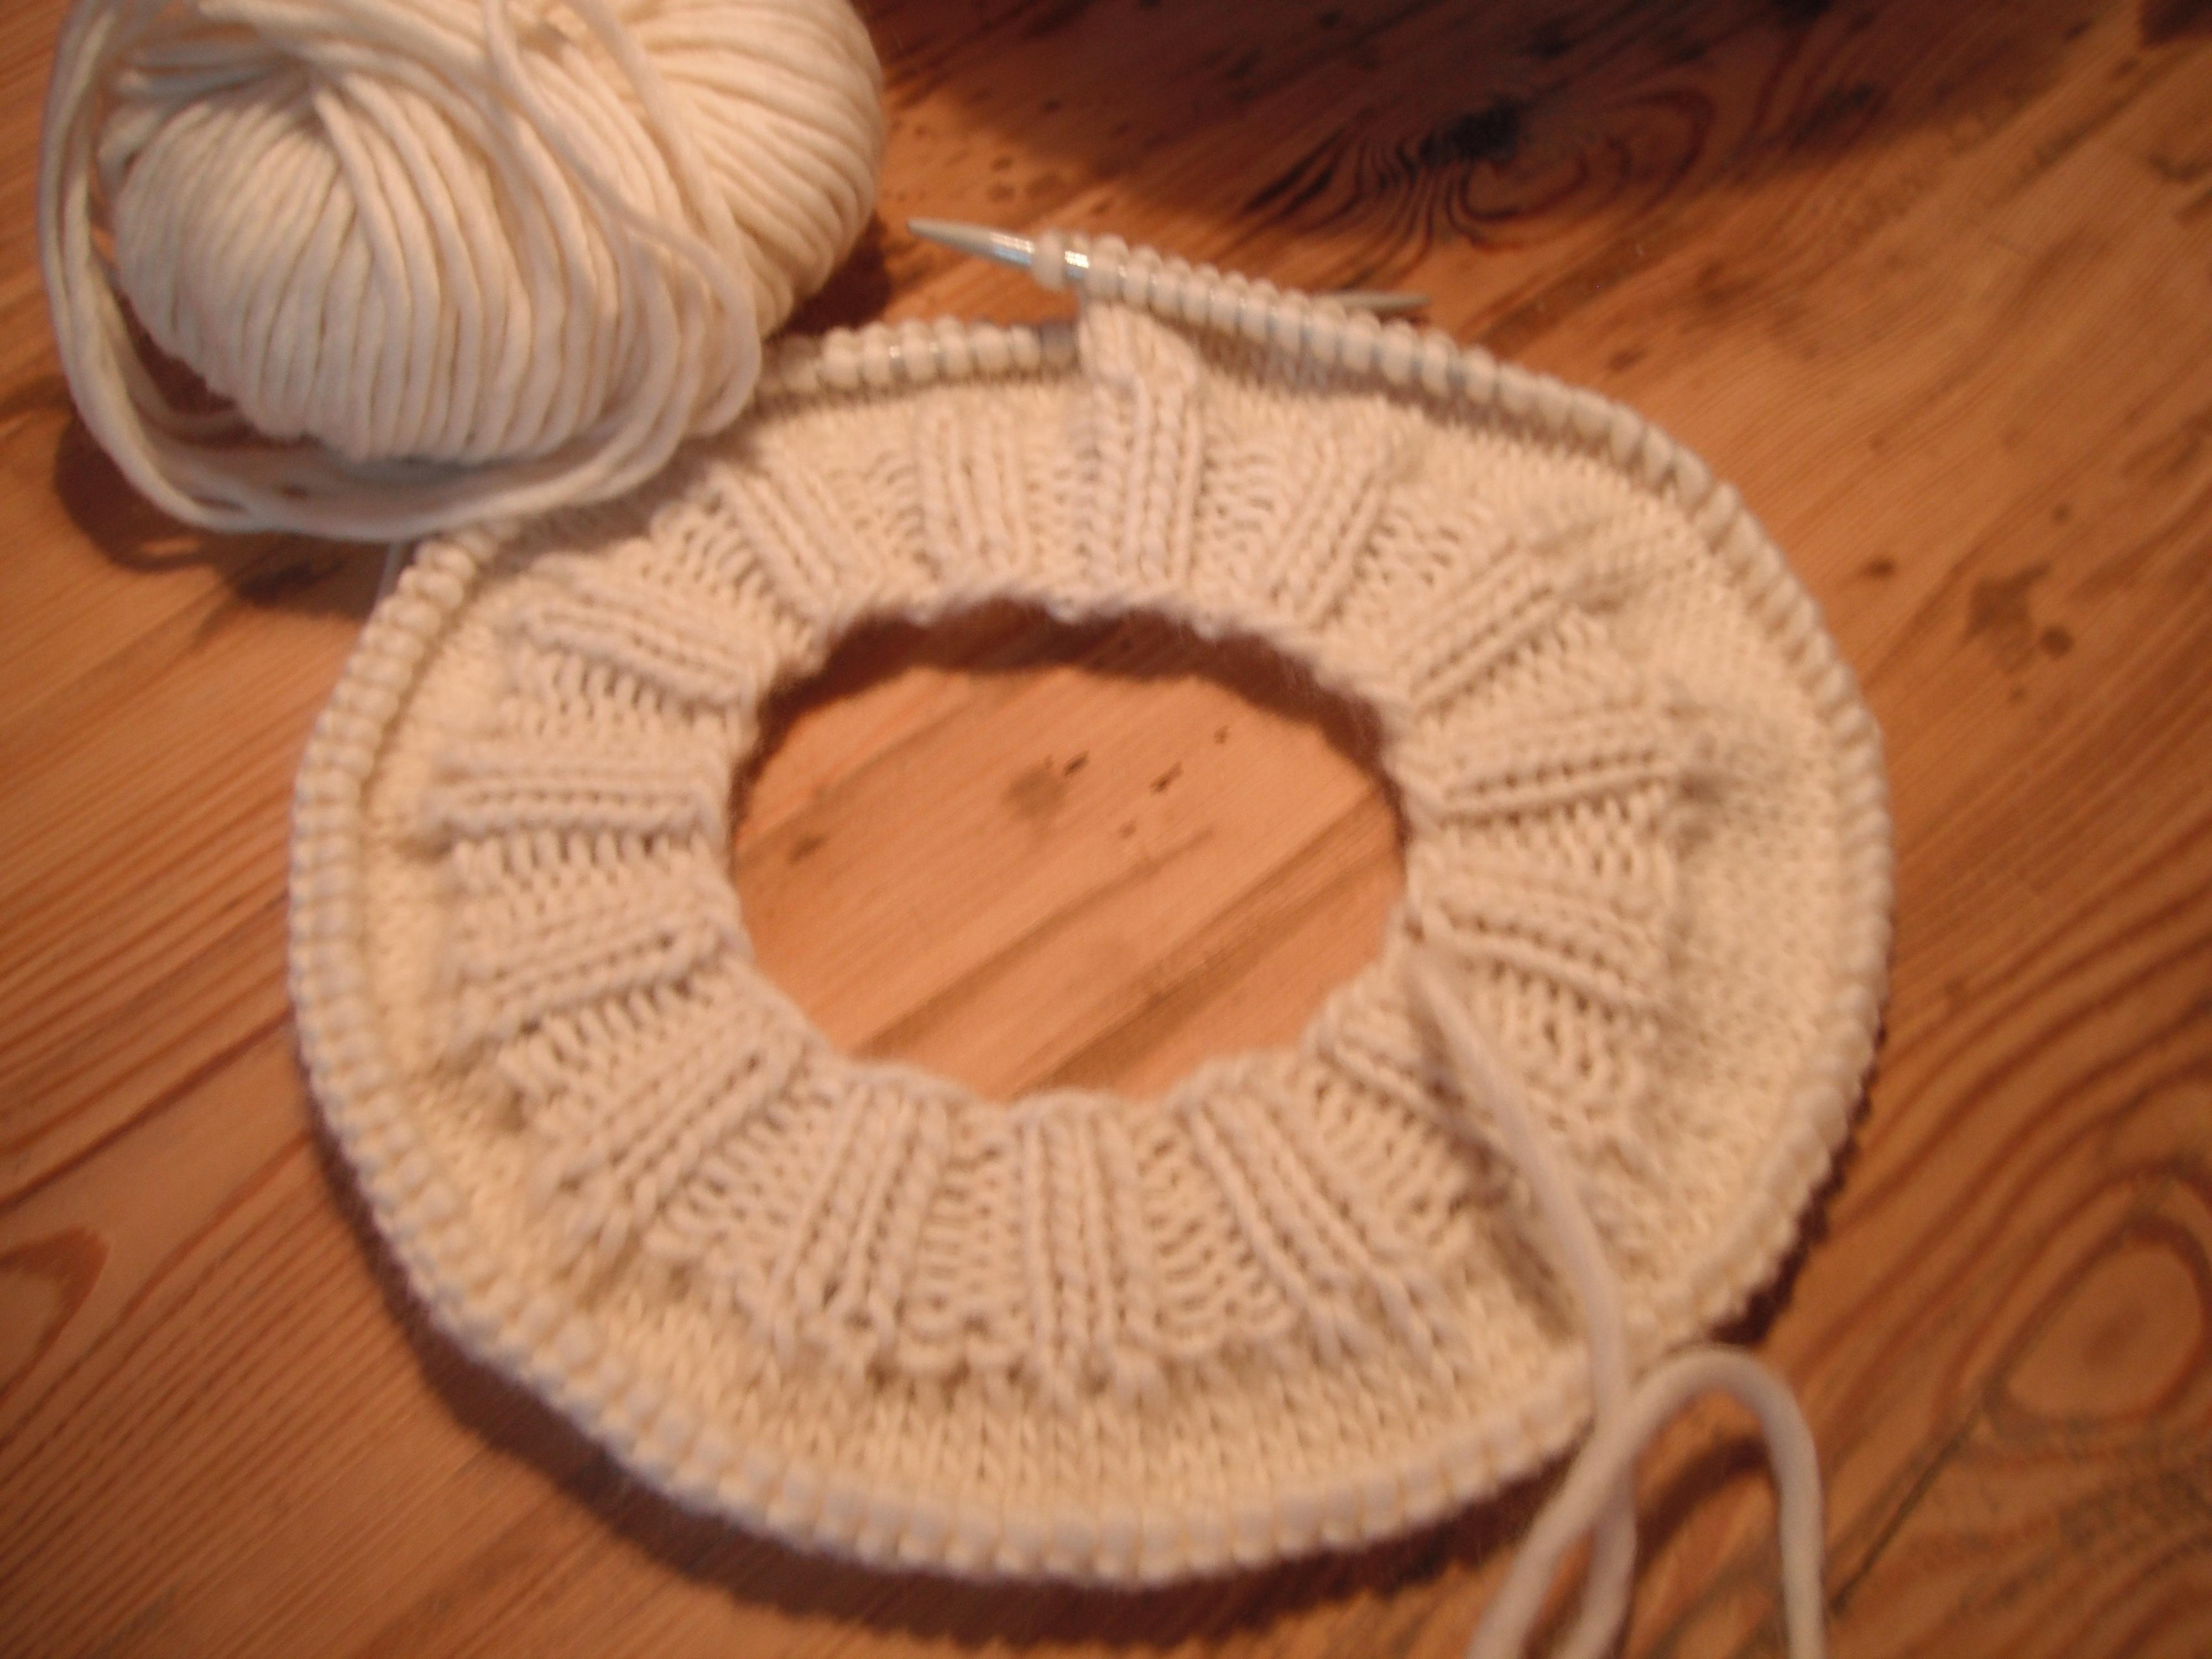 Baskenmütze In Weiß Stricken Schurrmurr